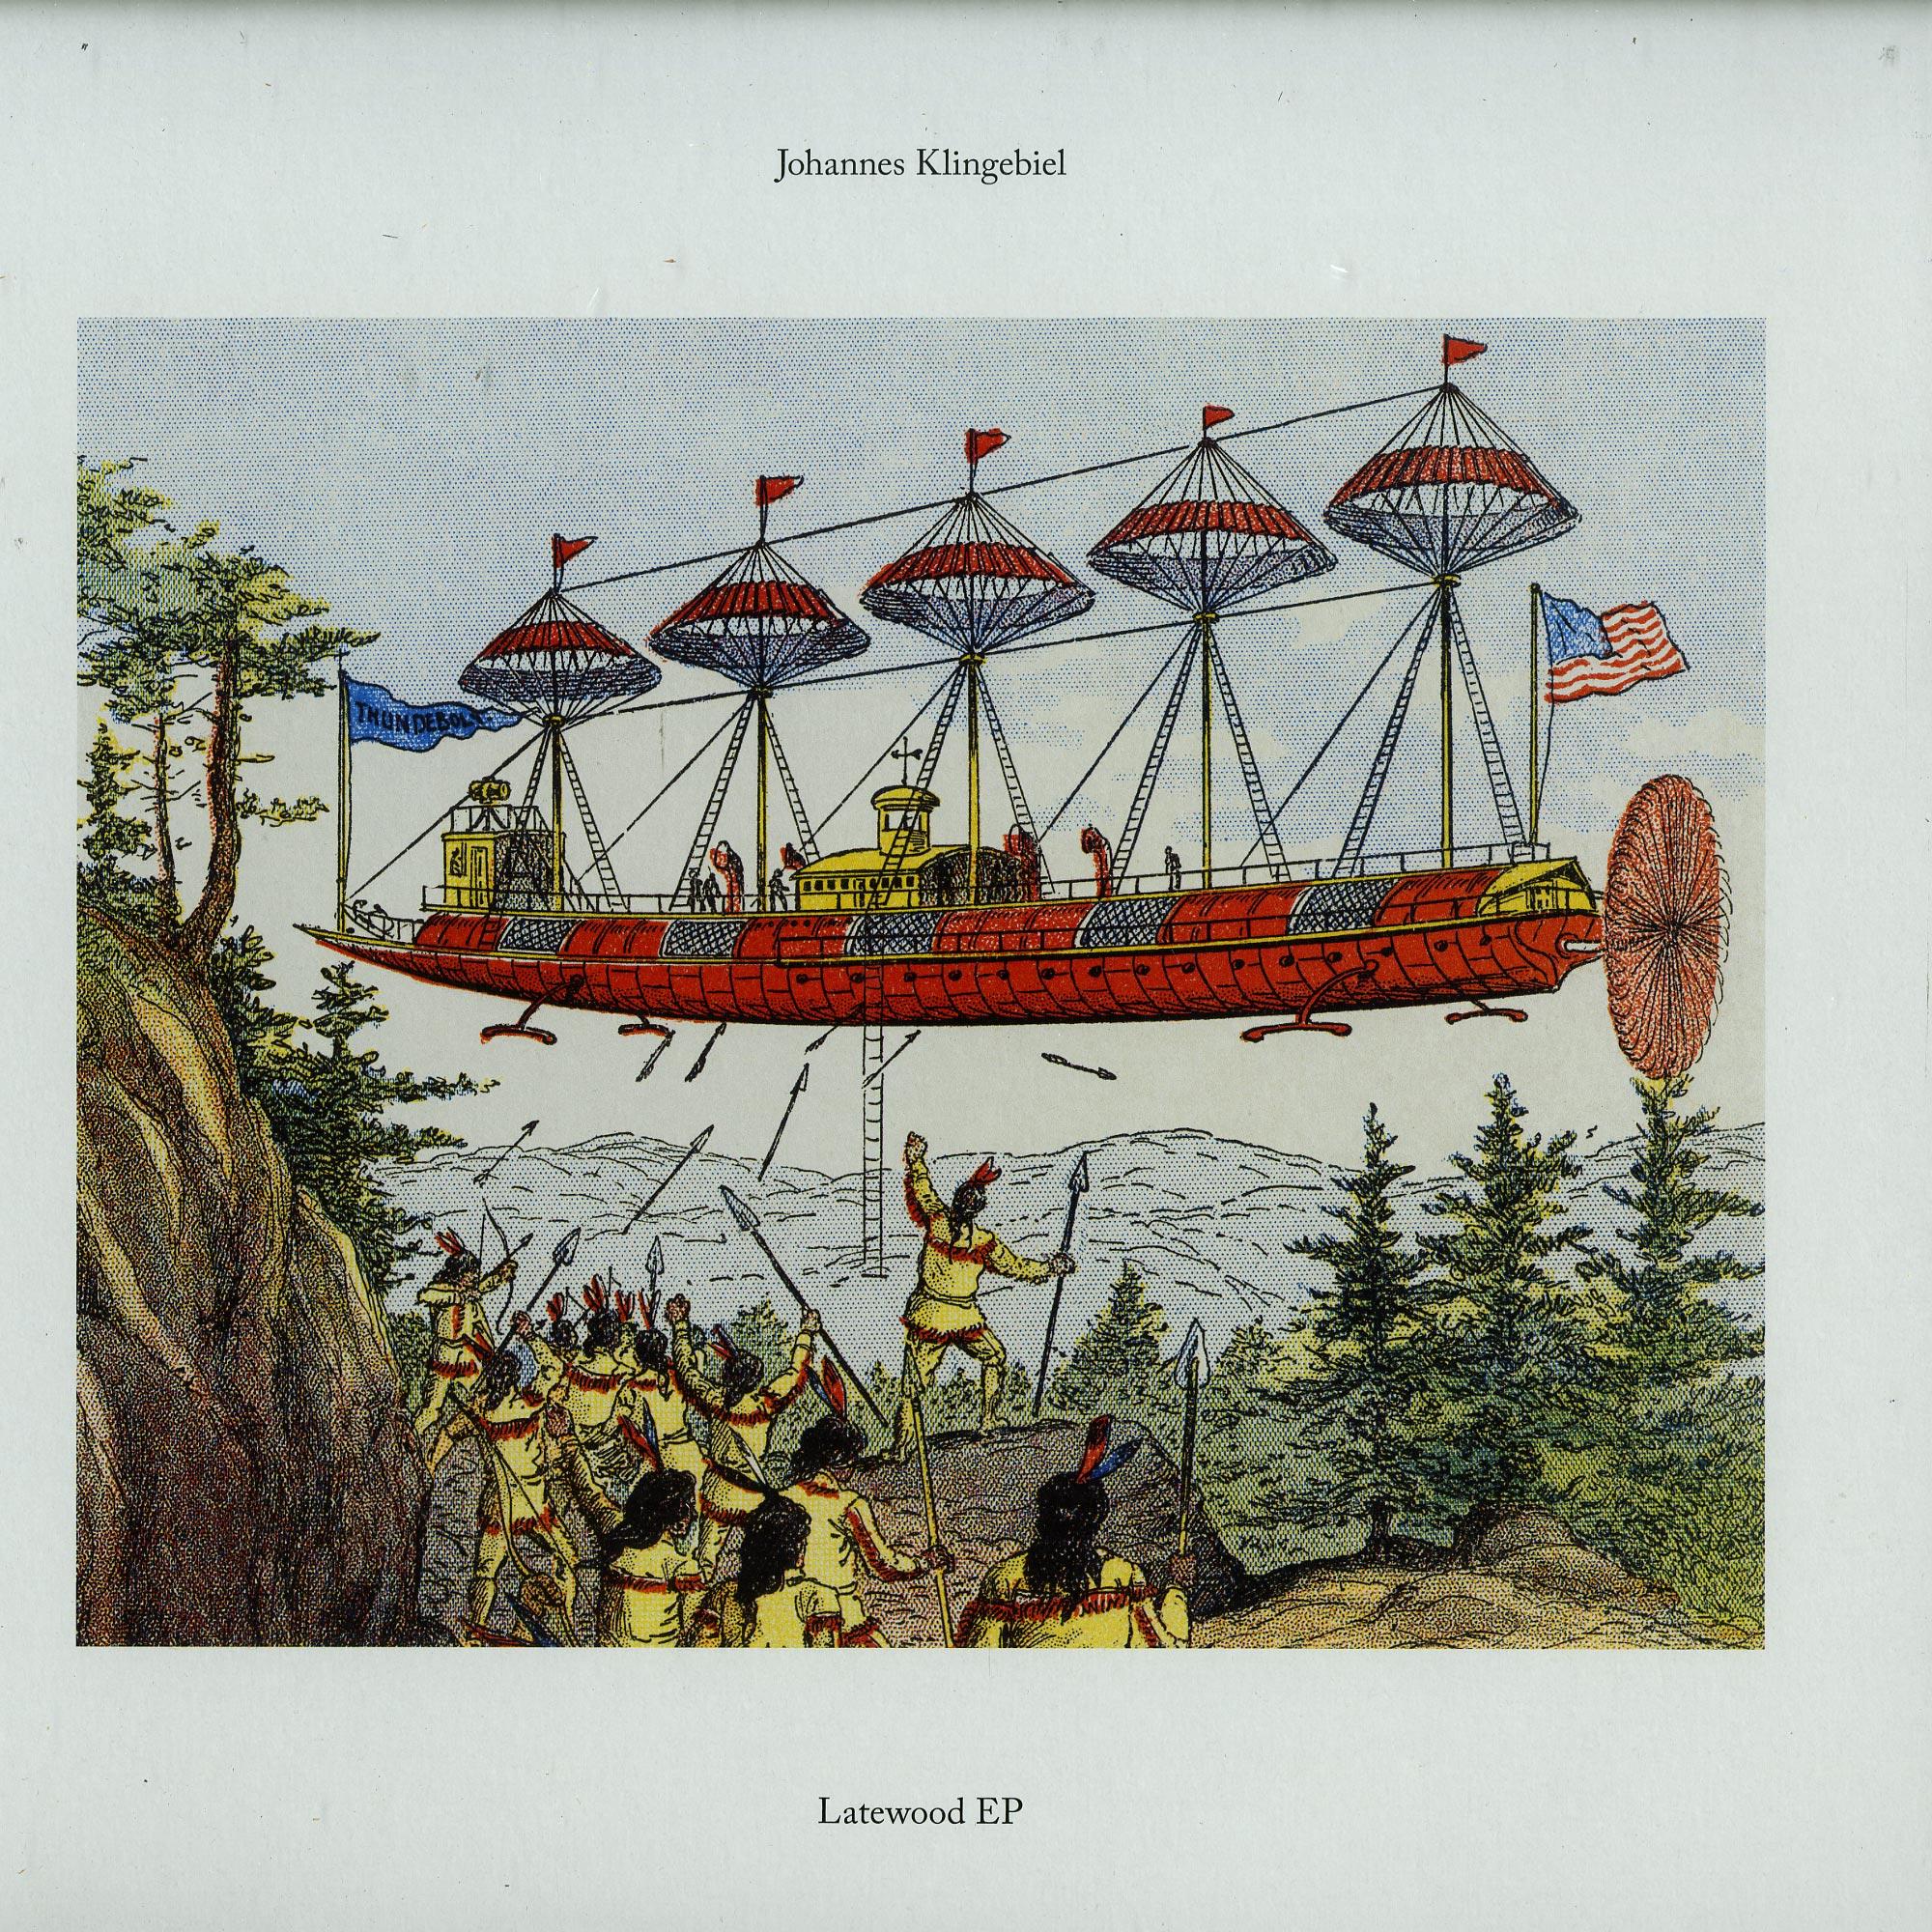 Johannes Klingebiel - LATEWOOD EP